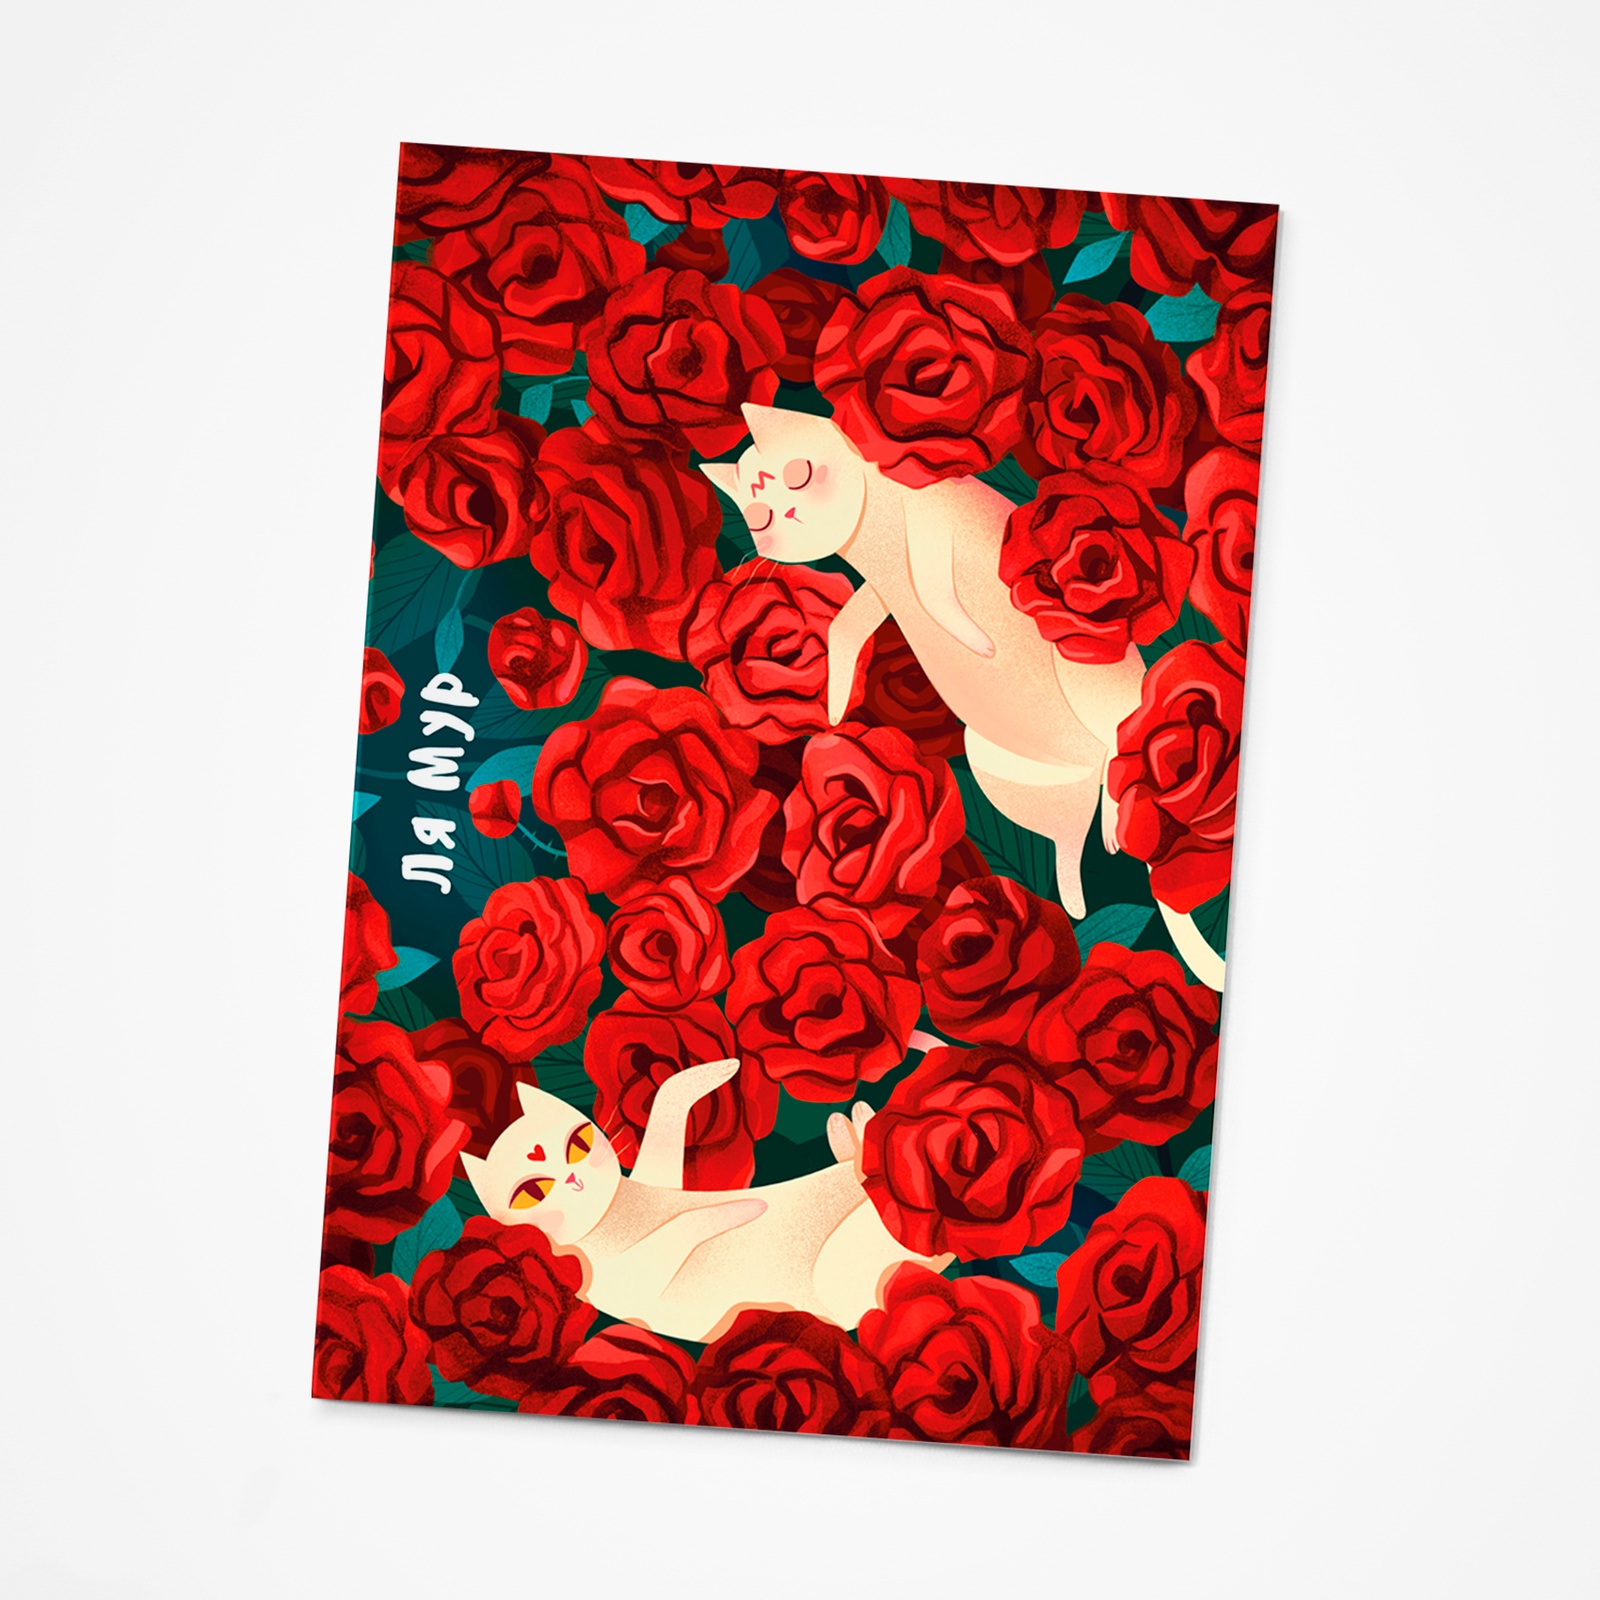 Открытка Aromaform Ароматизированная открытка «Котики в розах», аромат - роза, Картон